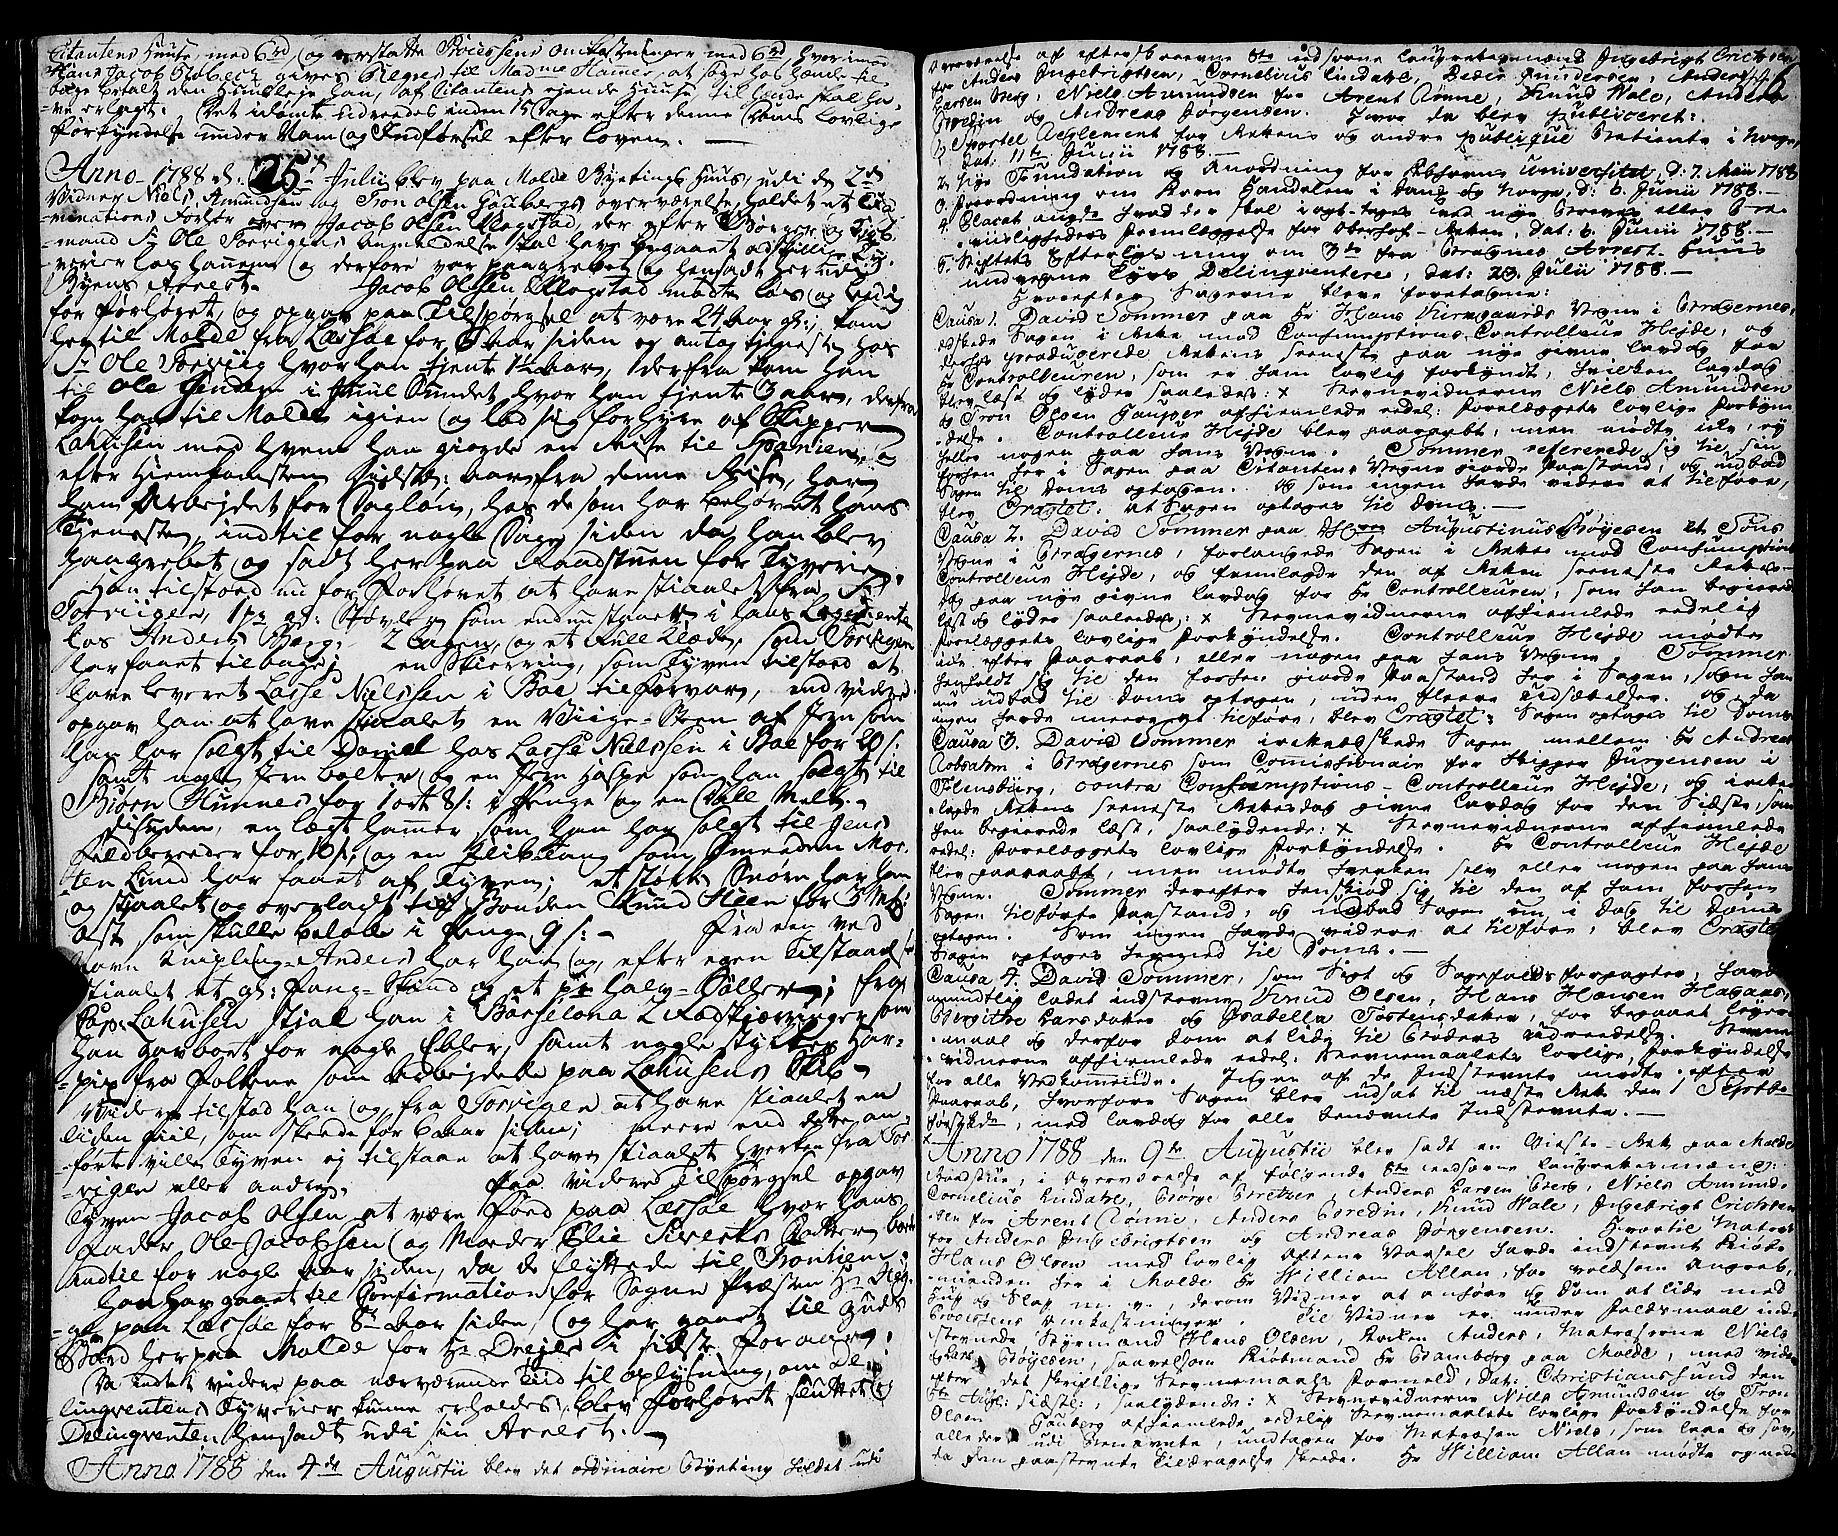 SAT, Molde byfogd, 1A/L0001: Justisprotokoll, 1764-1796, s. 447